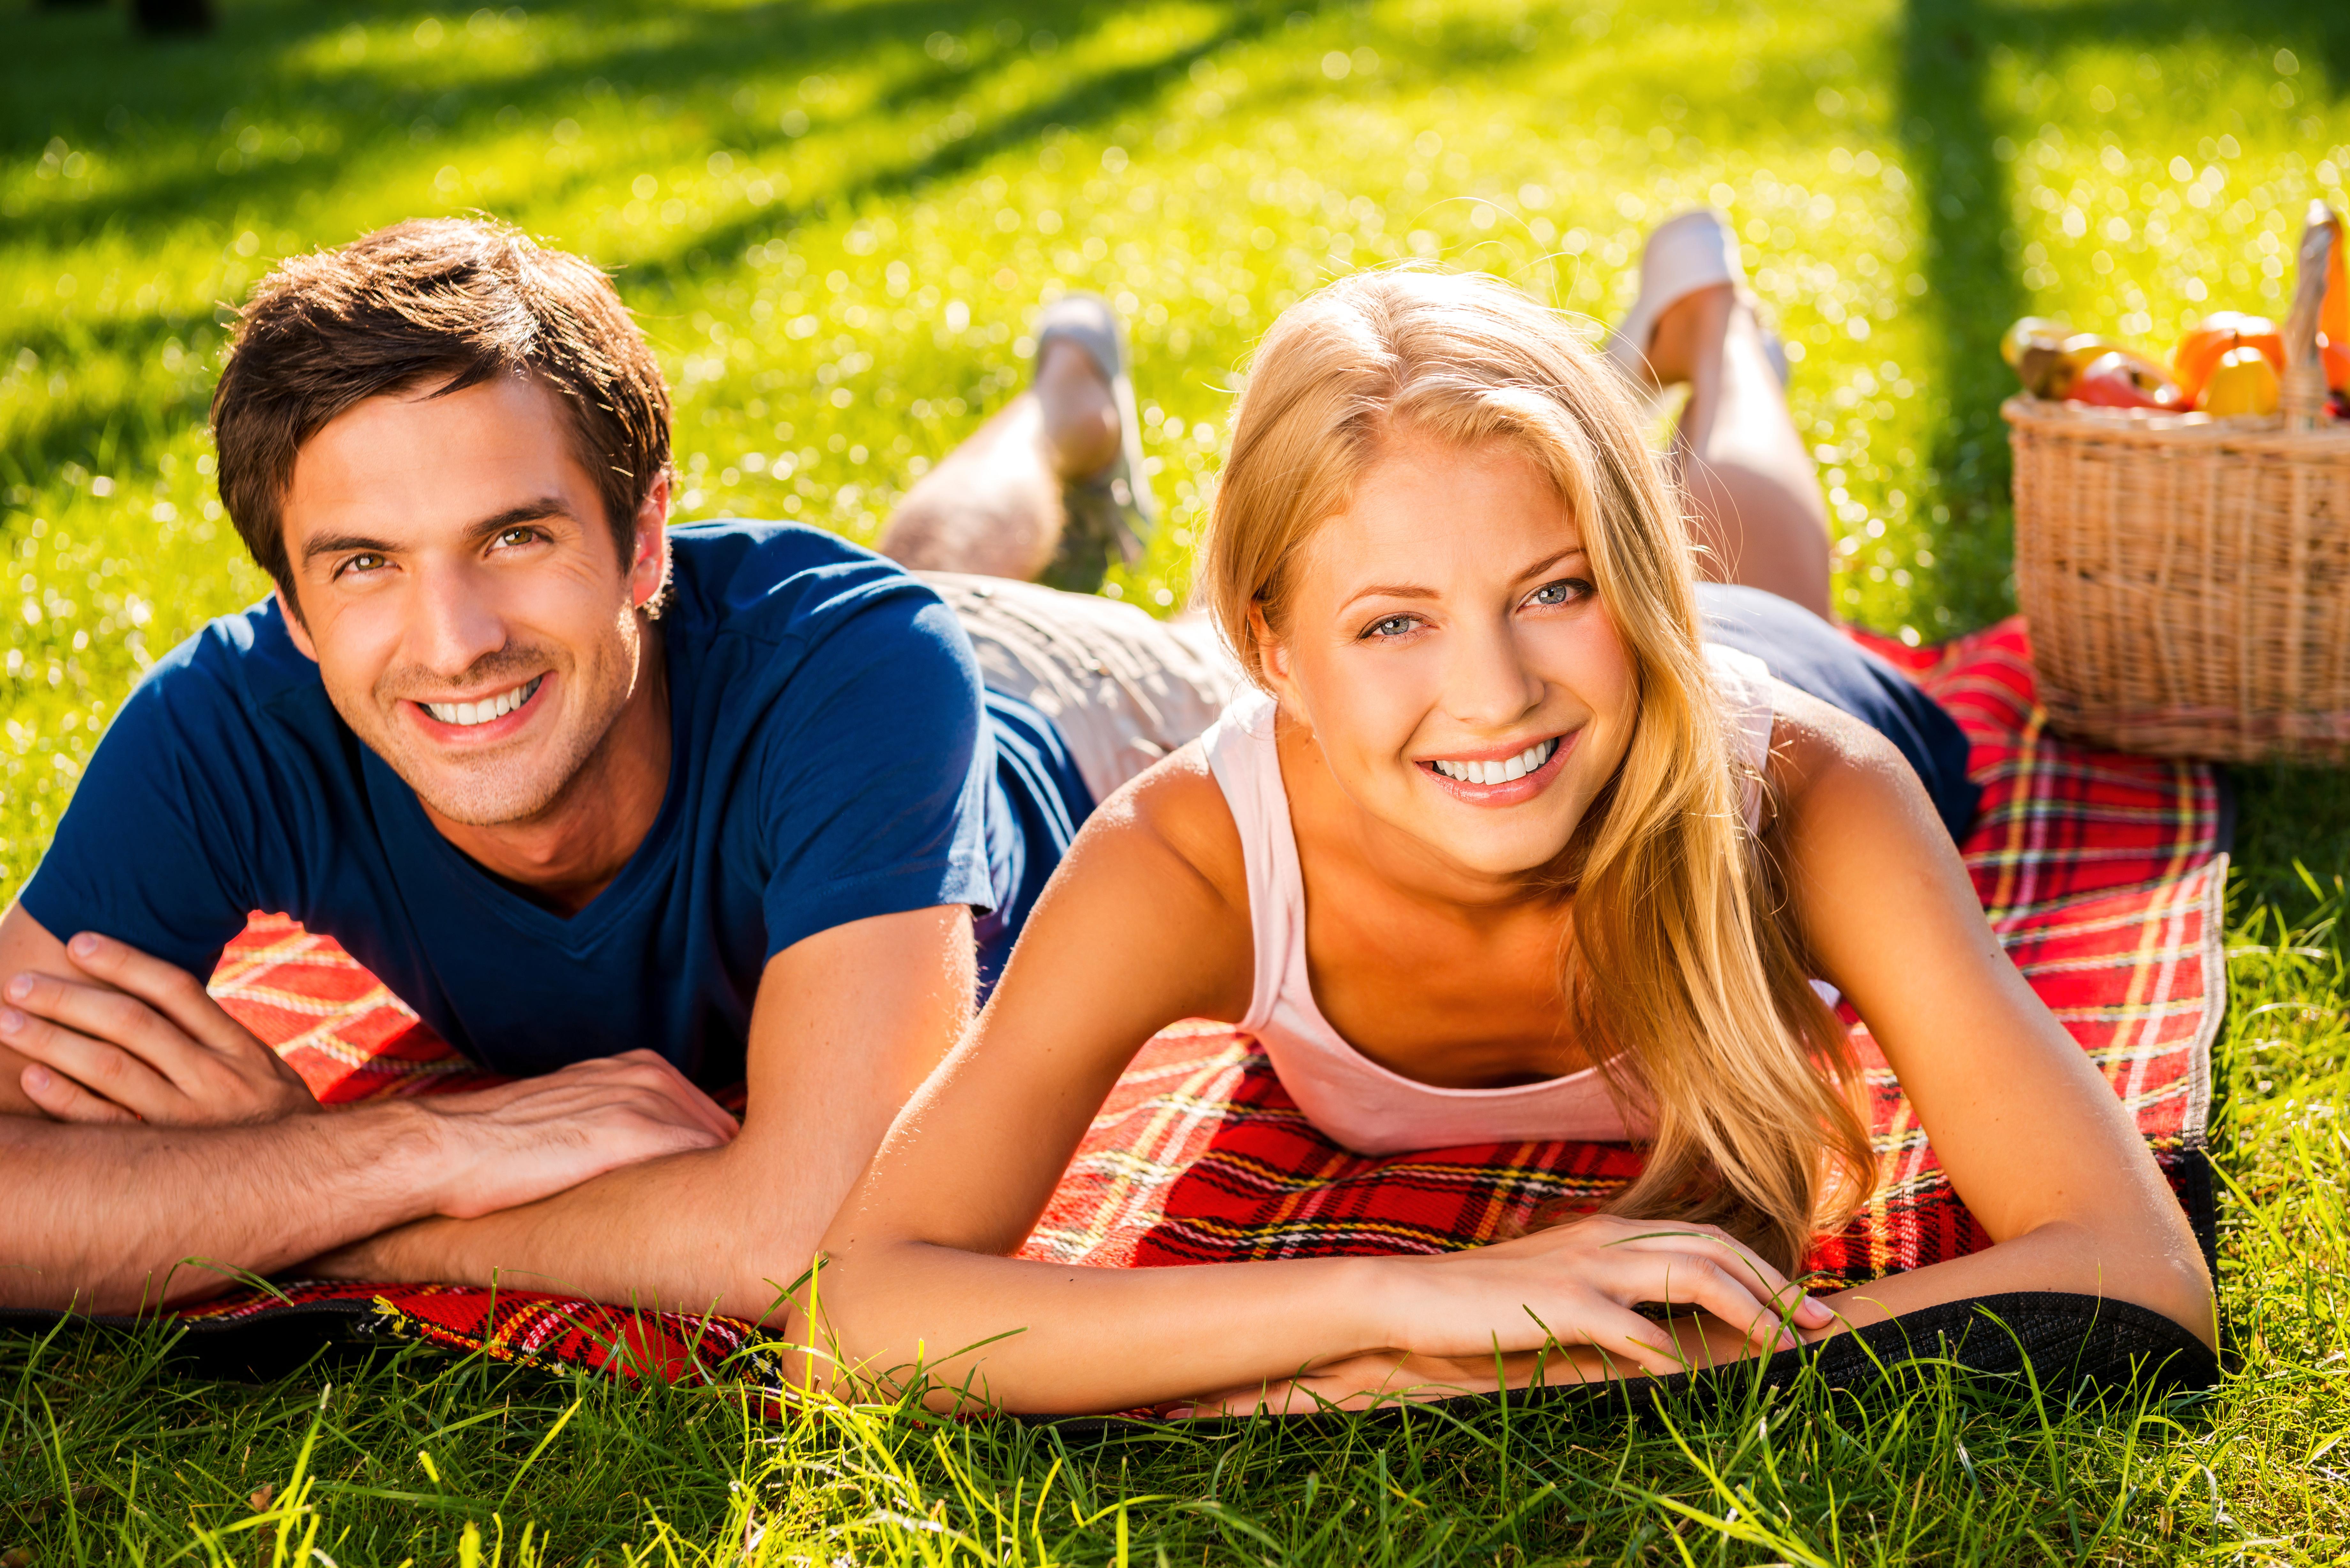 Marriage proposals & enagements